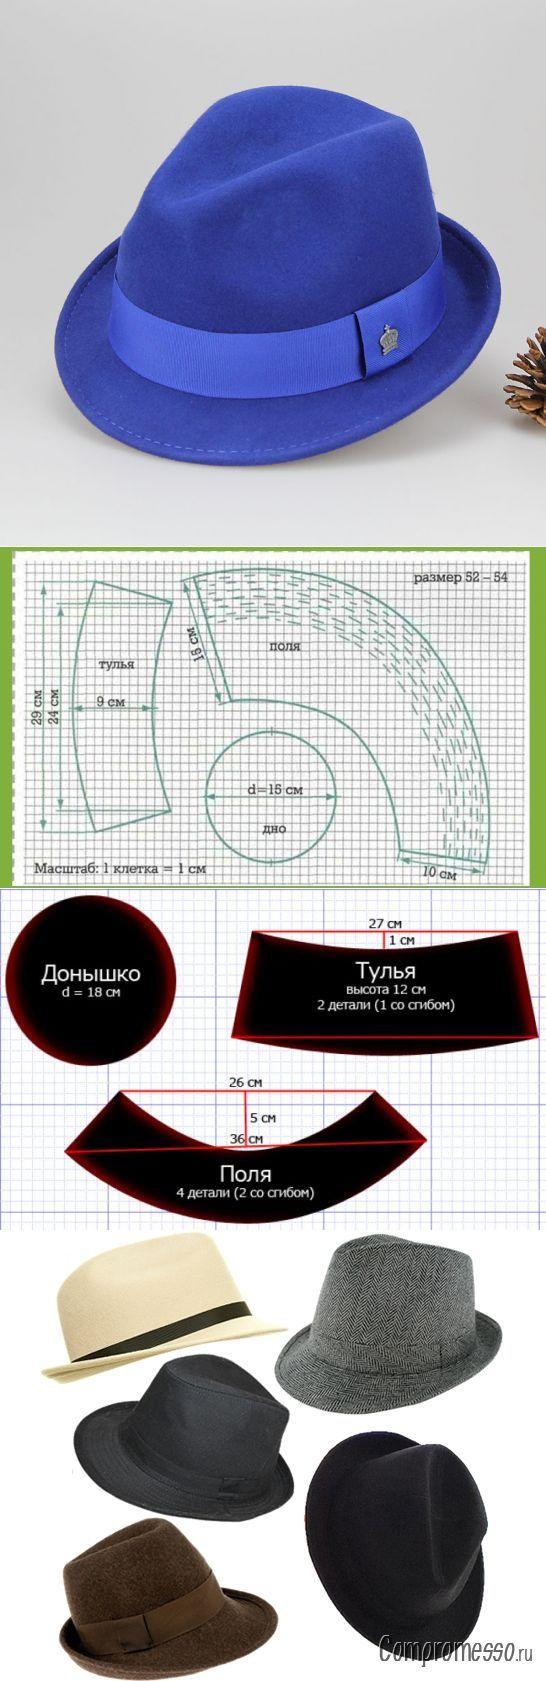 ДЛЯ КУКОЛ | Confeccion | Pinterest | Costura, Gorro tejido y Patrones